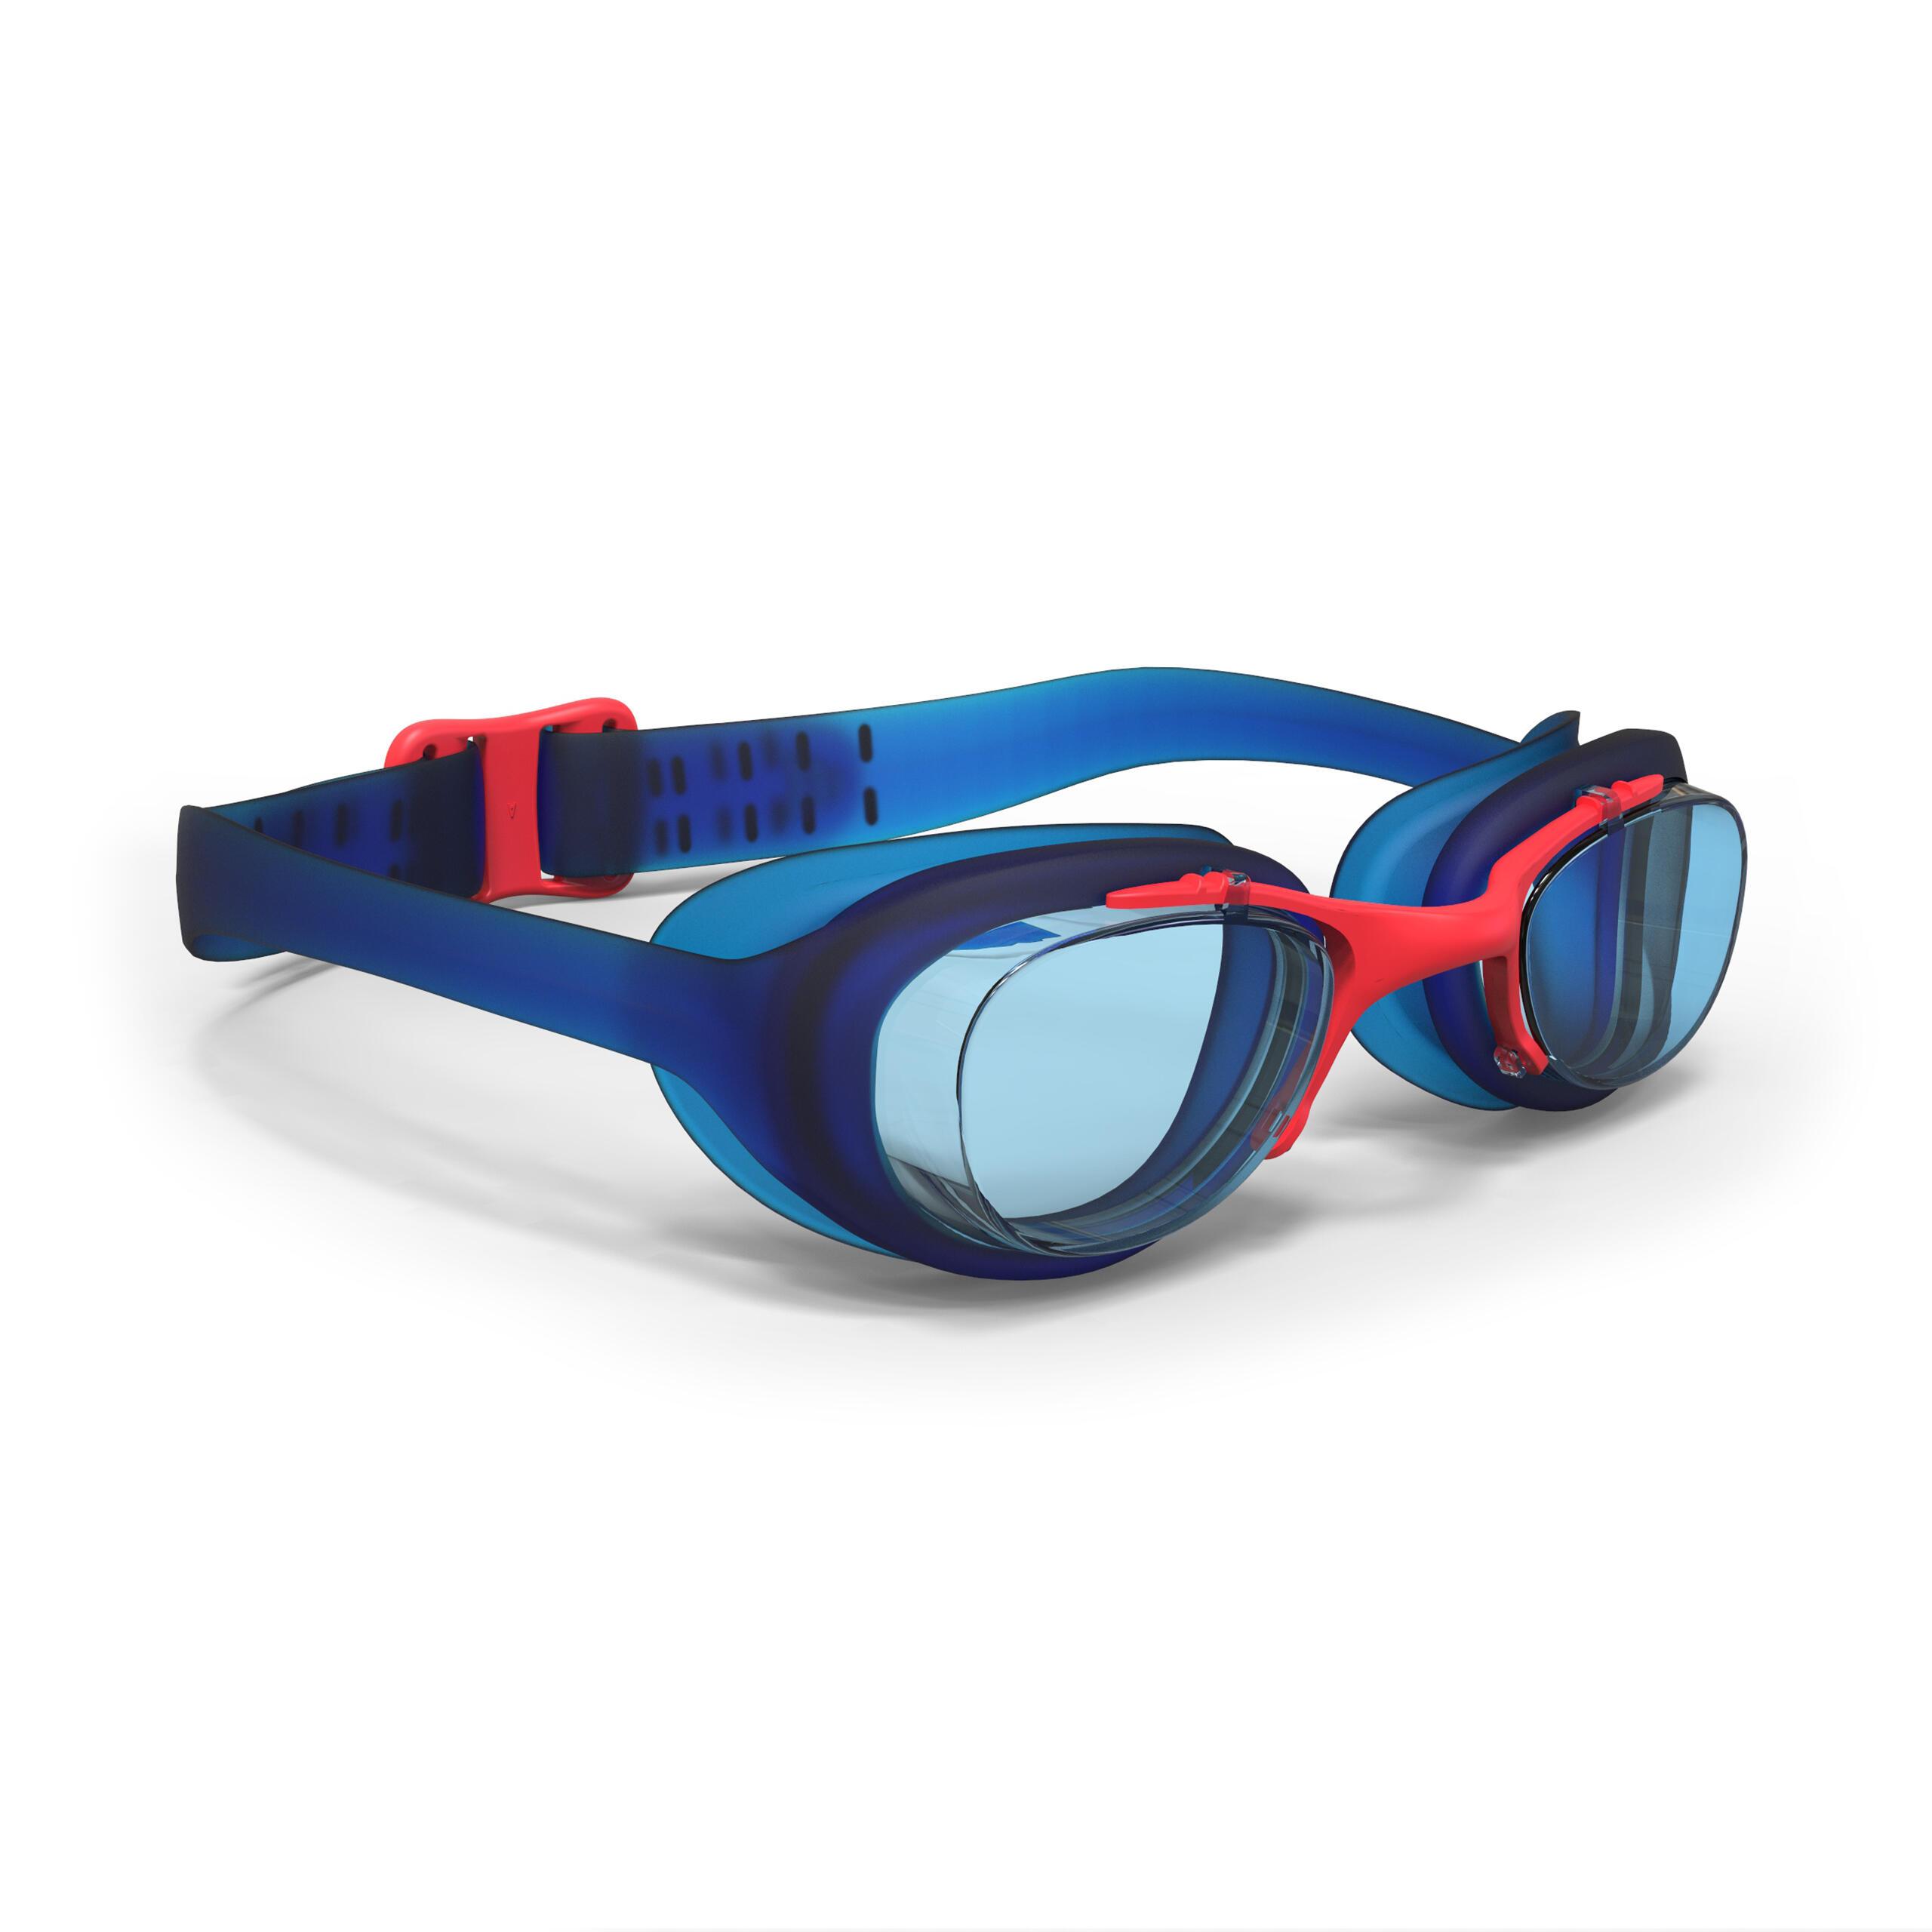 Lunettes de natation XBASE bleu rouge Taille P